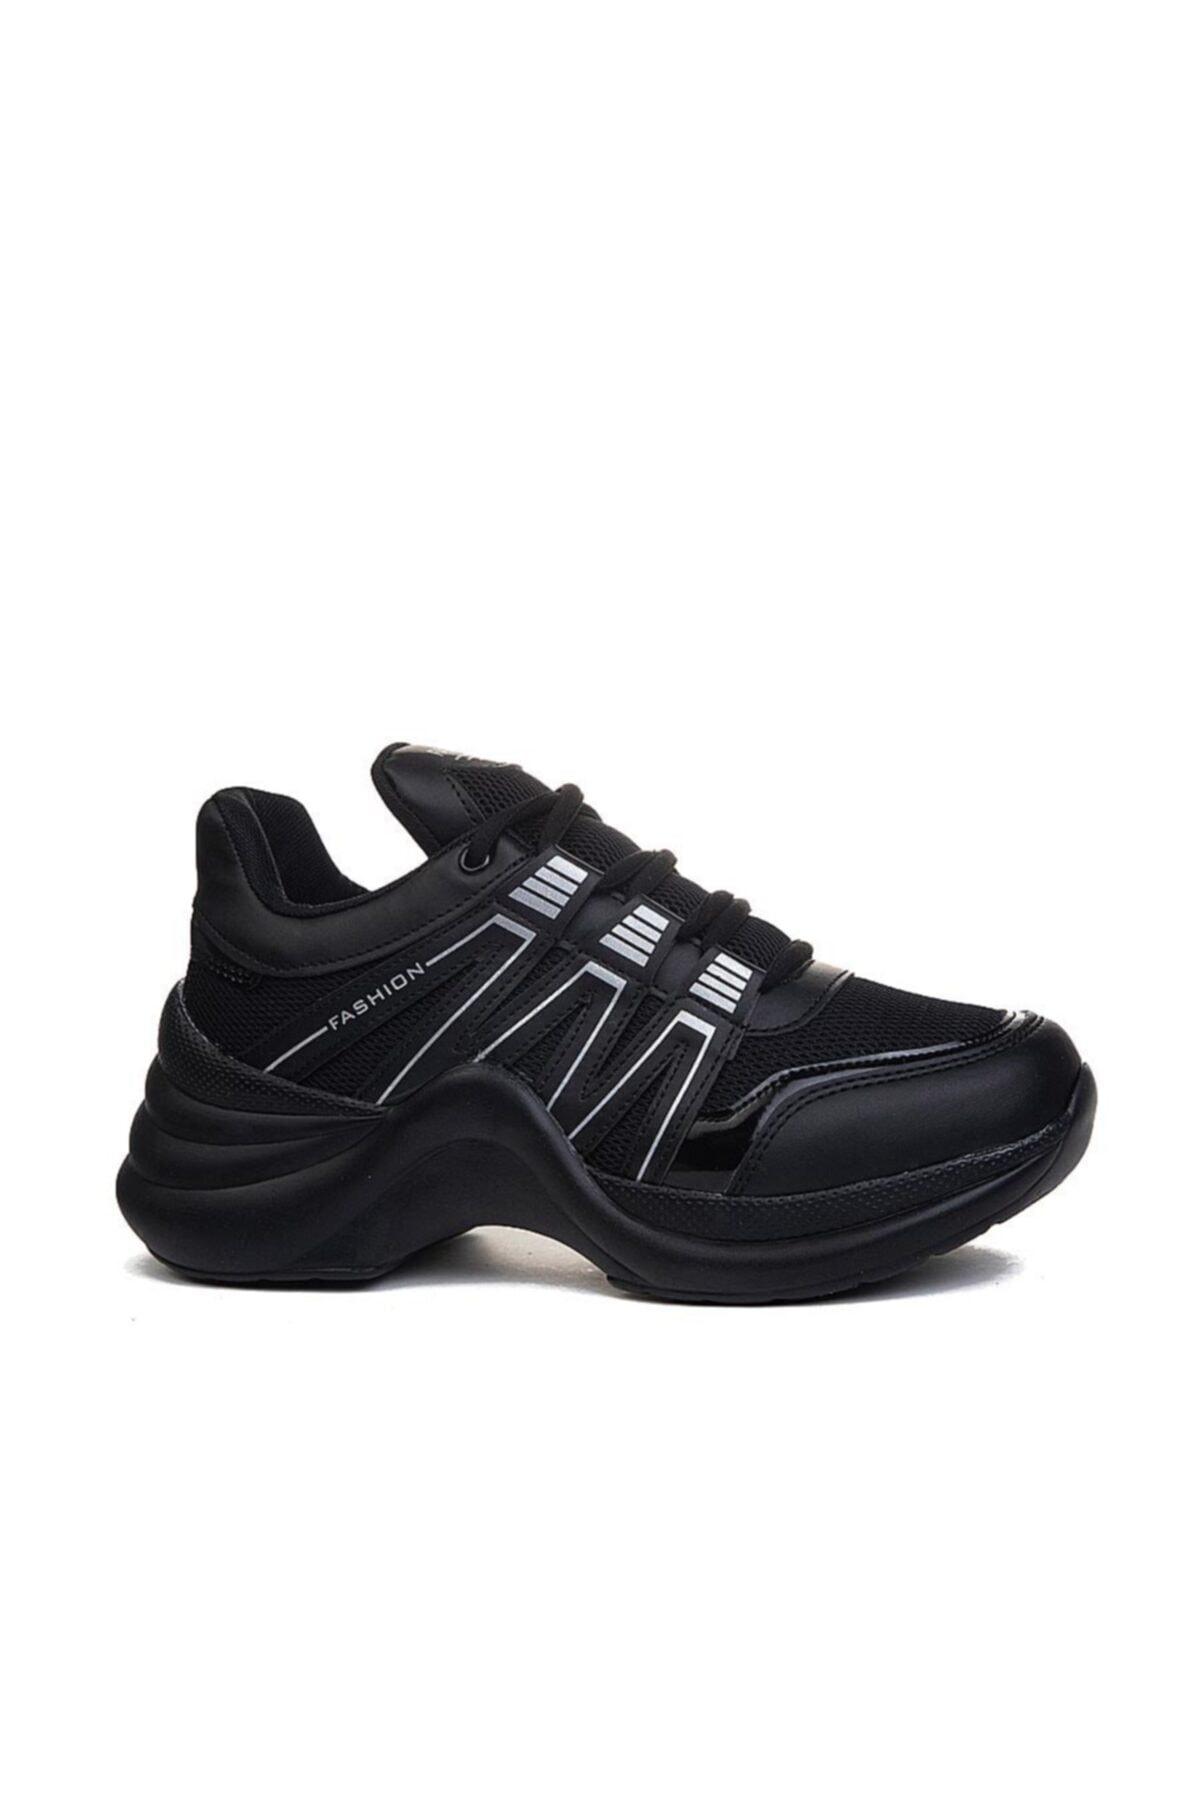 Twingo Kadın Siyah Kalın Taban Spor Ayakkabı 1